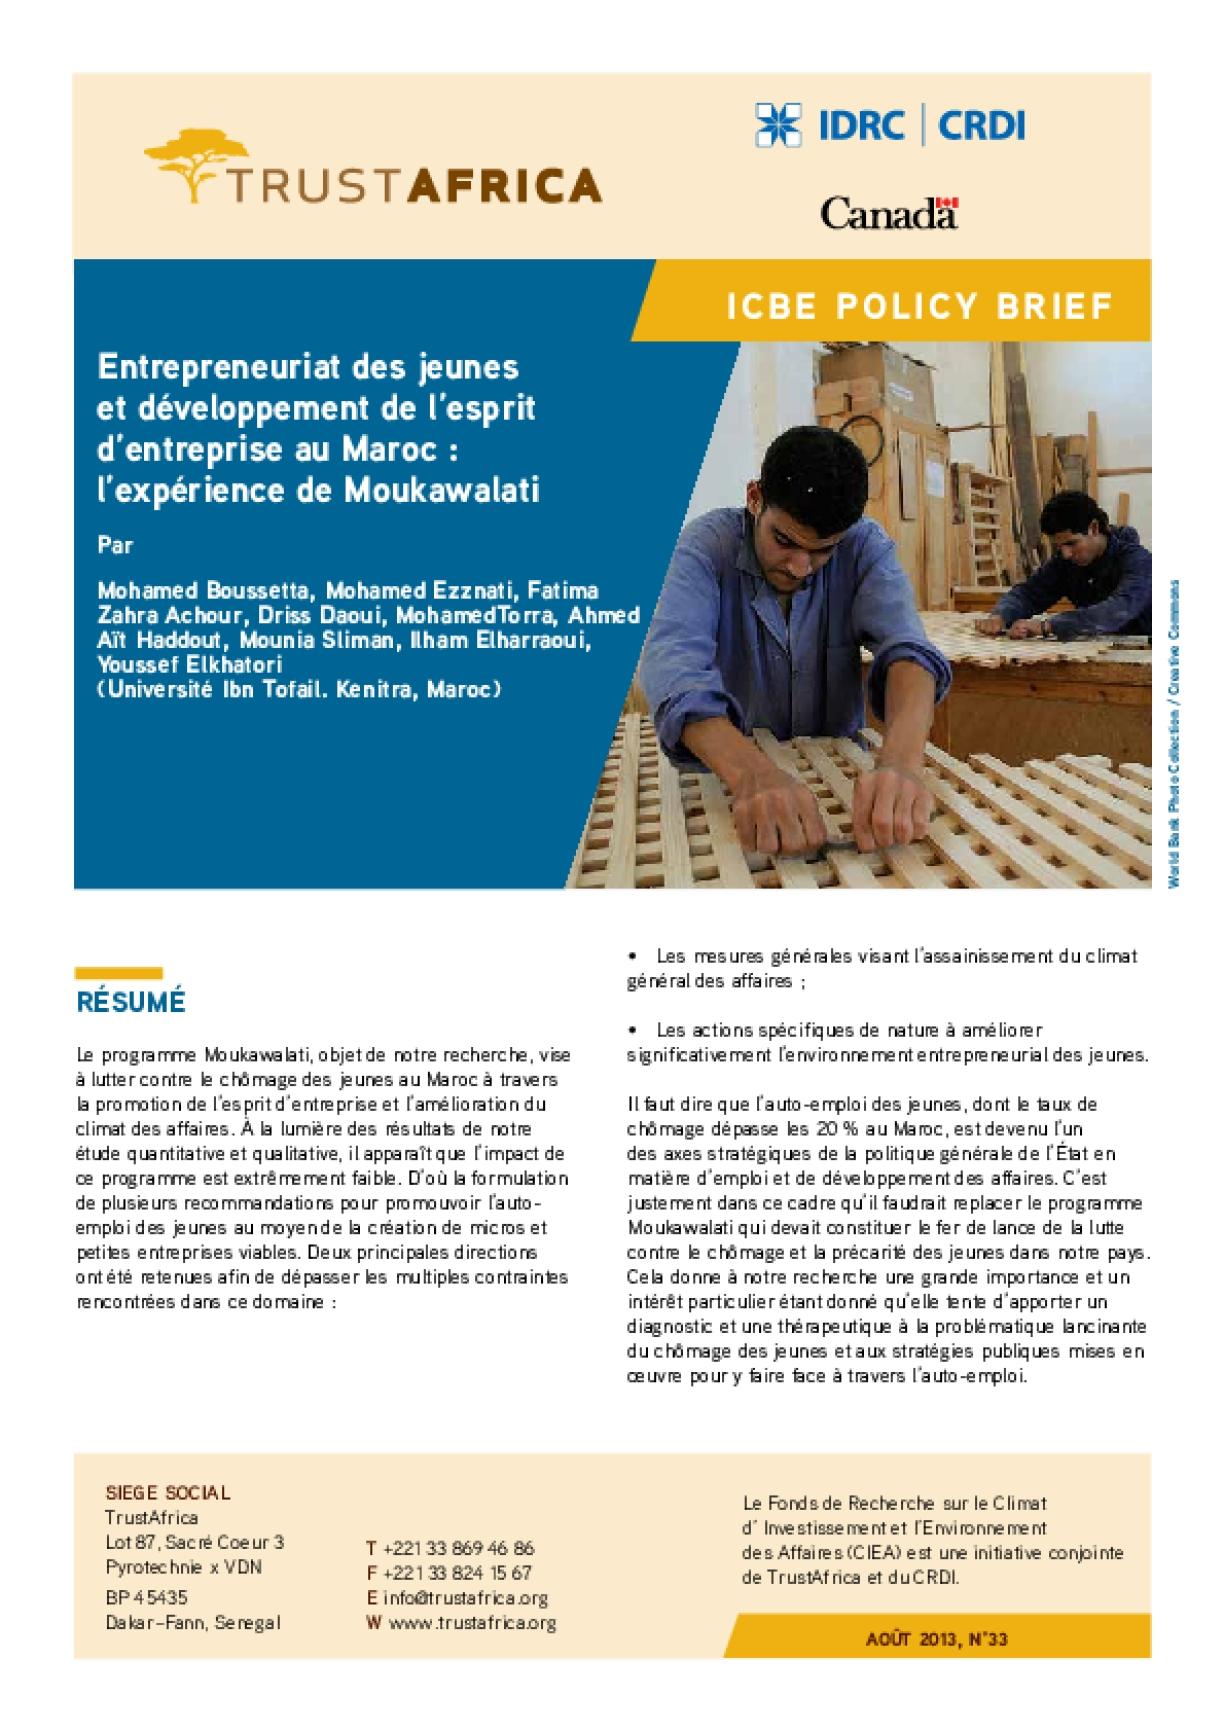 Entrepreneuriat Des Jeunes Et Développement De L'esprit D'entreprise Au Maroc : L'expérience De Moukawalati